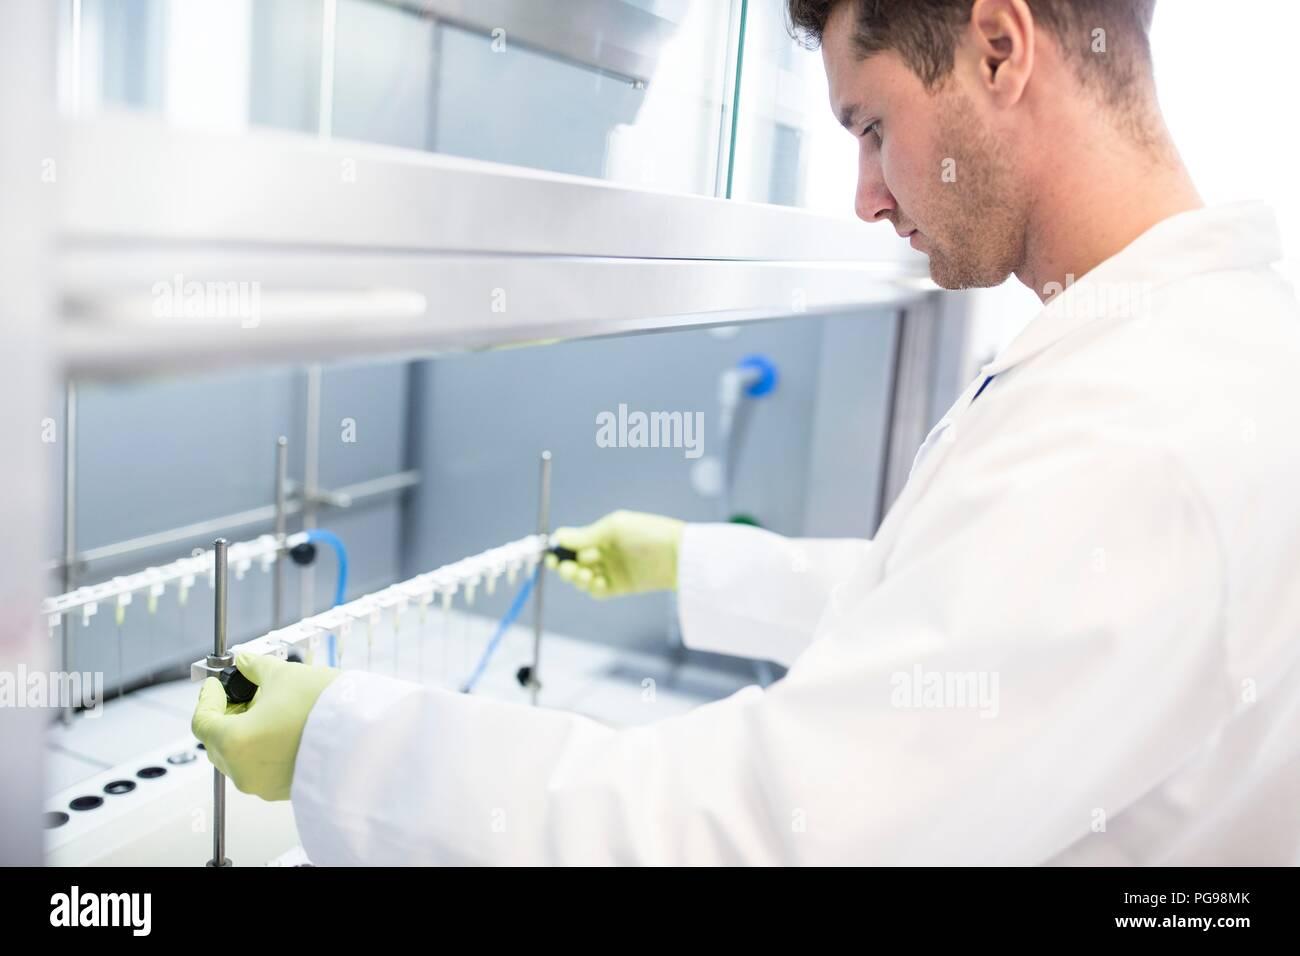 L'extraction en phase solide (SPE) colonnes étant placé sur un support. SPE est utilisé pour séparer les composés biologiques à partir d'un mélange d'approfondir l'analyse. Photo Stock